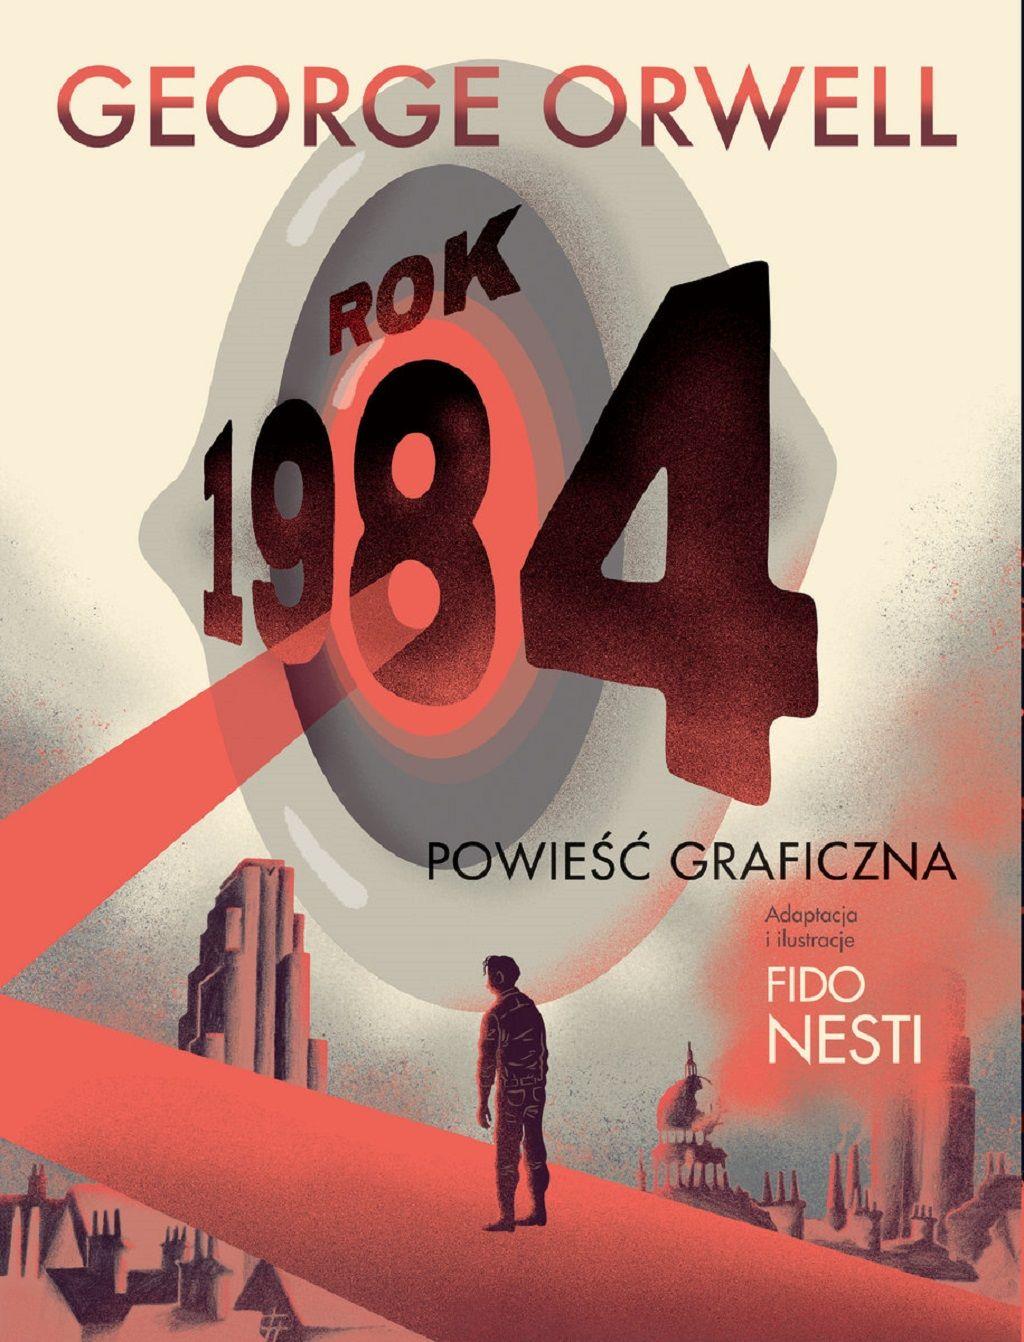 George Orwell – Rok 1984, adaptacja i ilustracje: Fido Nesti